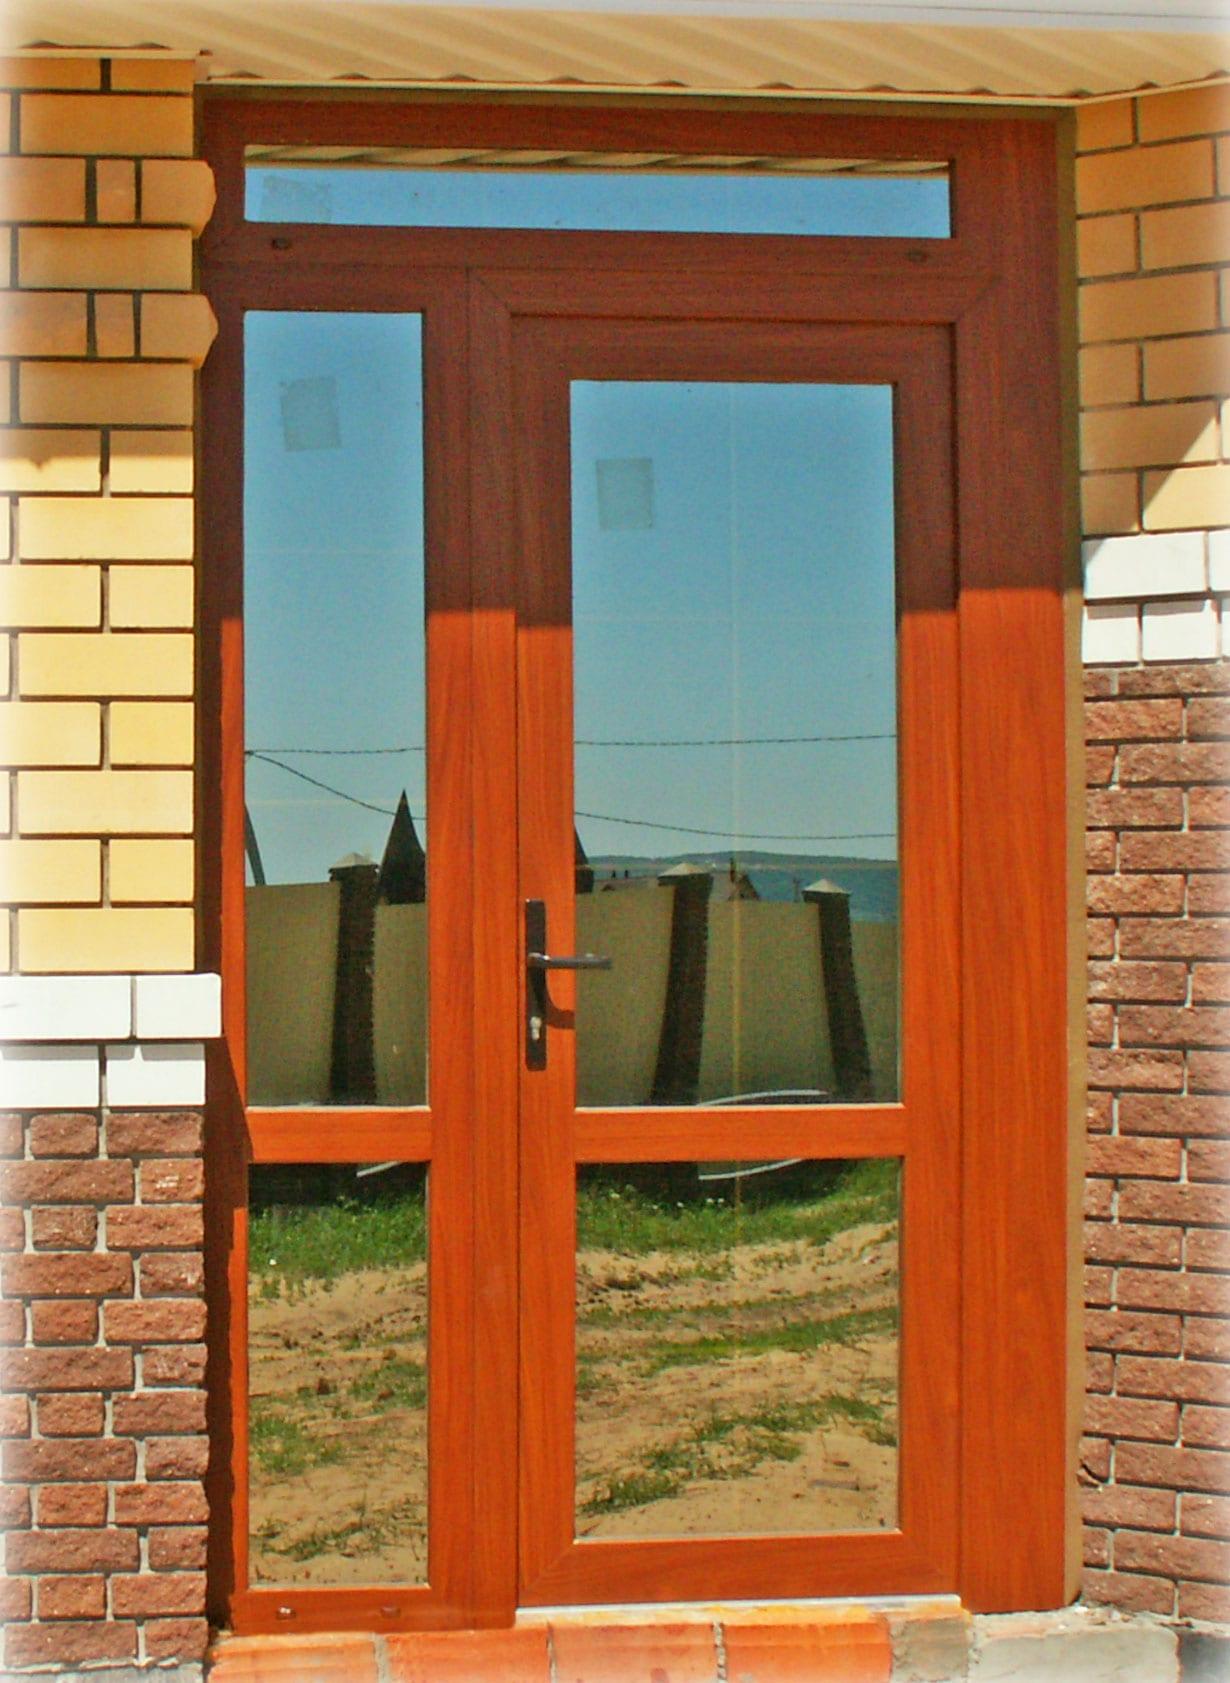 пластиковая дверь со встроенным окном фото первая картинка